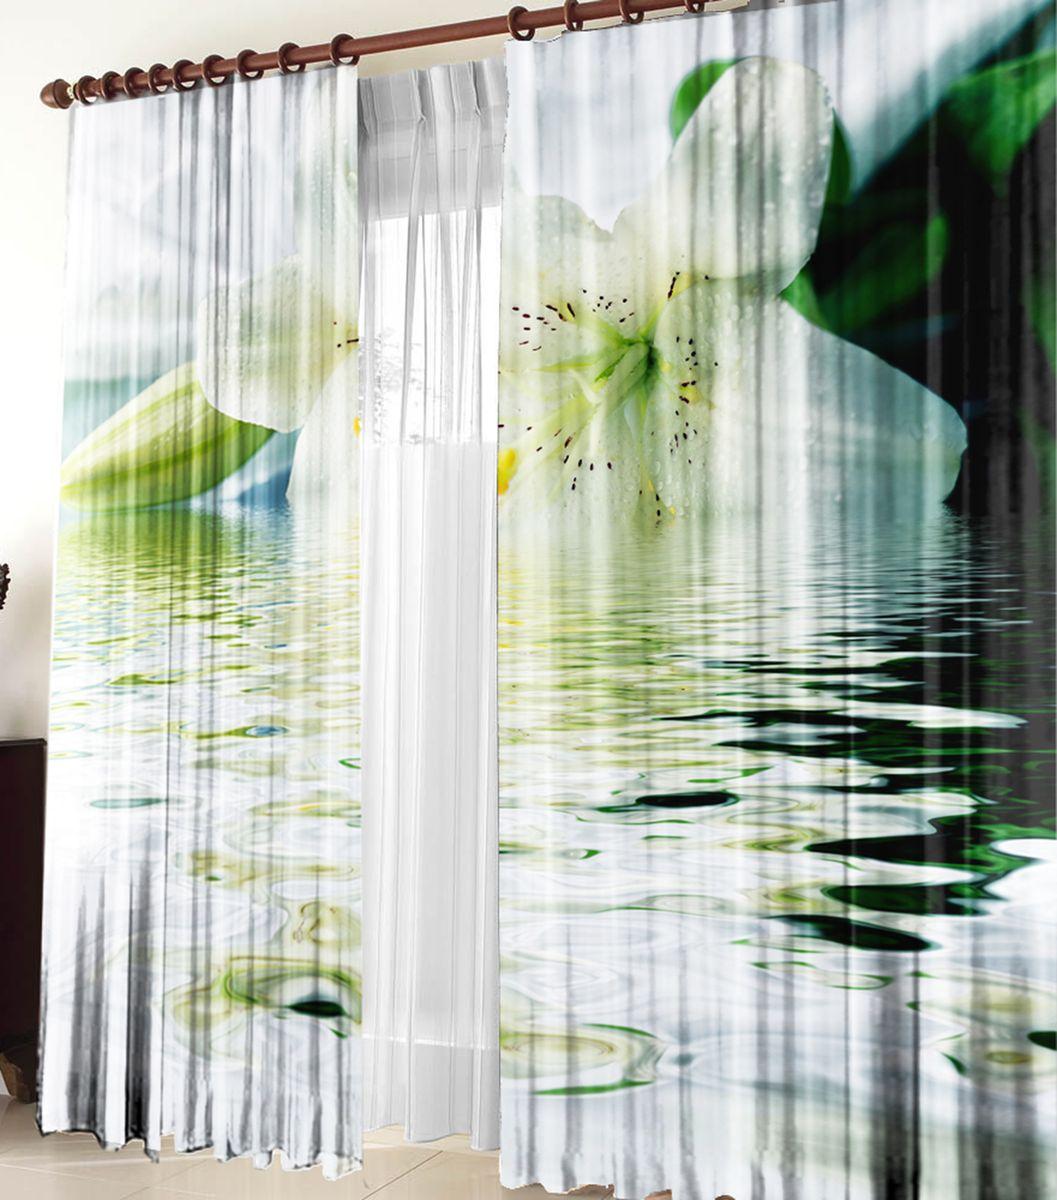 """Комплект фотоштор """"Zlata Korunka"""" изготовлен из габардиновой ткани высочайшего качества. Фотошторы способны не пропускать самый яркий  свет, их можно гладить и стирать.  Рекомендации по уходу: бережная стирка при 30°С, деликатный отжим, отбеливание запрещено, гладить при температуре не более 150°С.  Светопоглощение: 70%.  Плотность ткани: 150 г/м2.  Оттенок изделия может отличаться от представленного на сайте в силу особенностей цветопередачи фототехники и вашего монитора."""